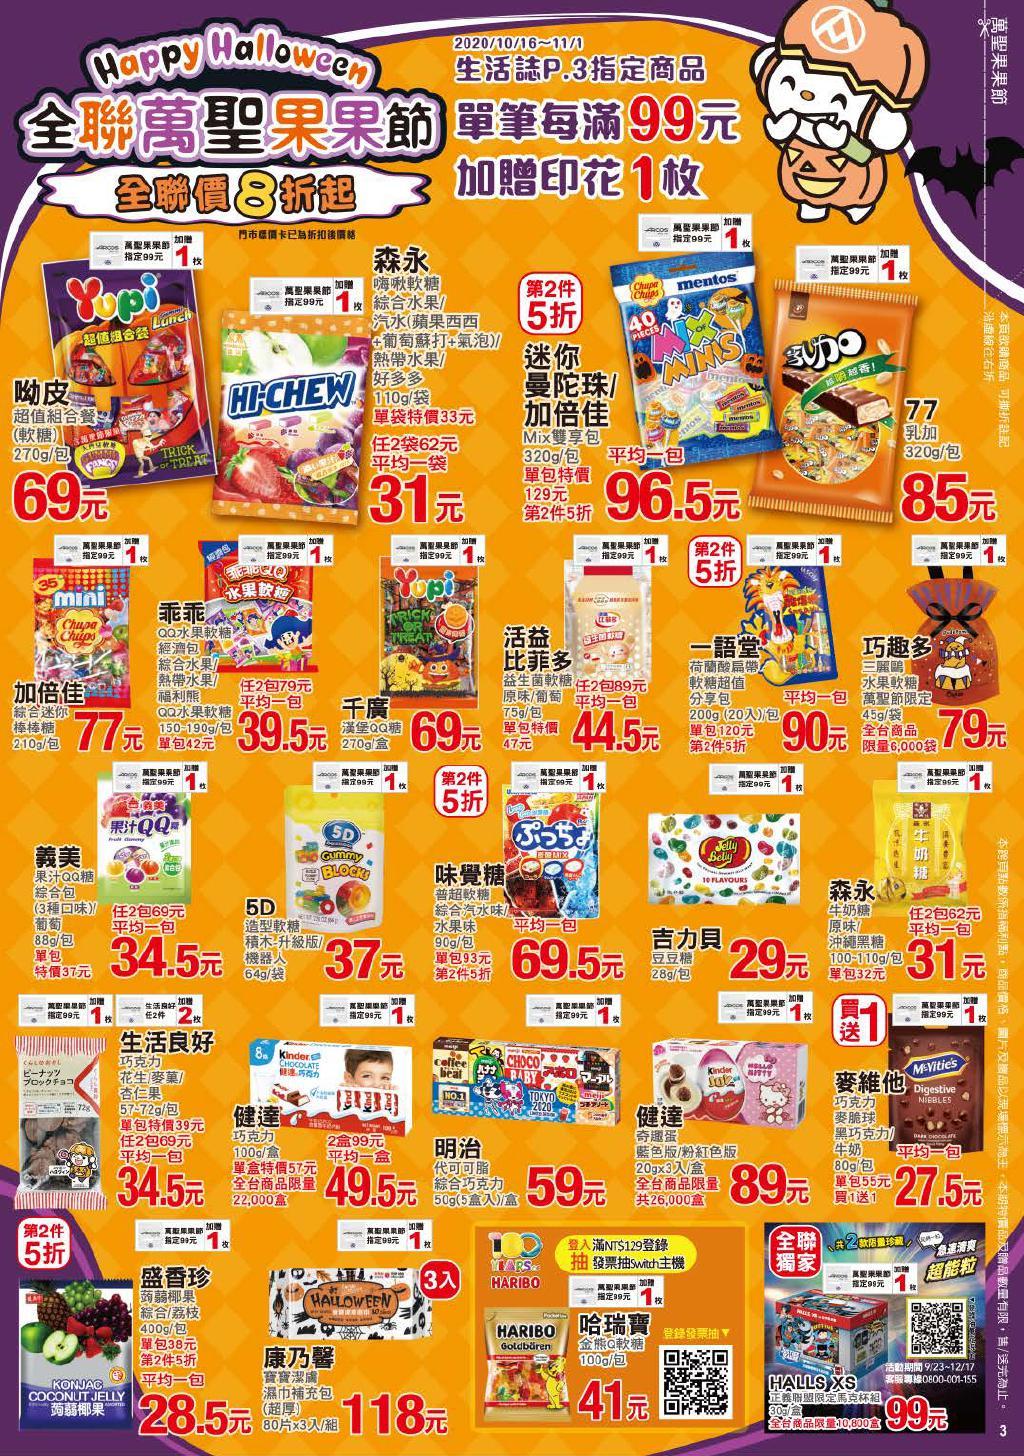 pxmart20201029_000003.jpg